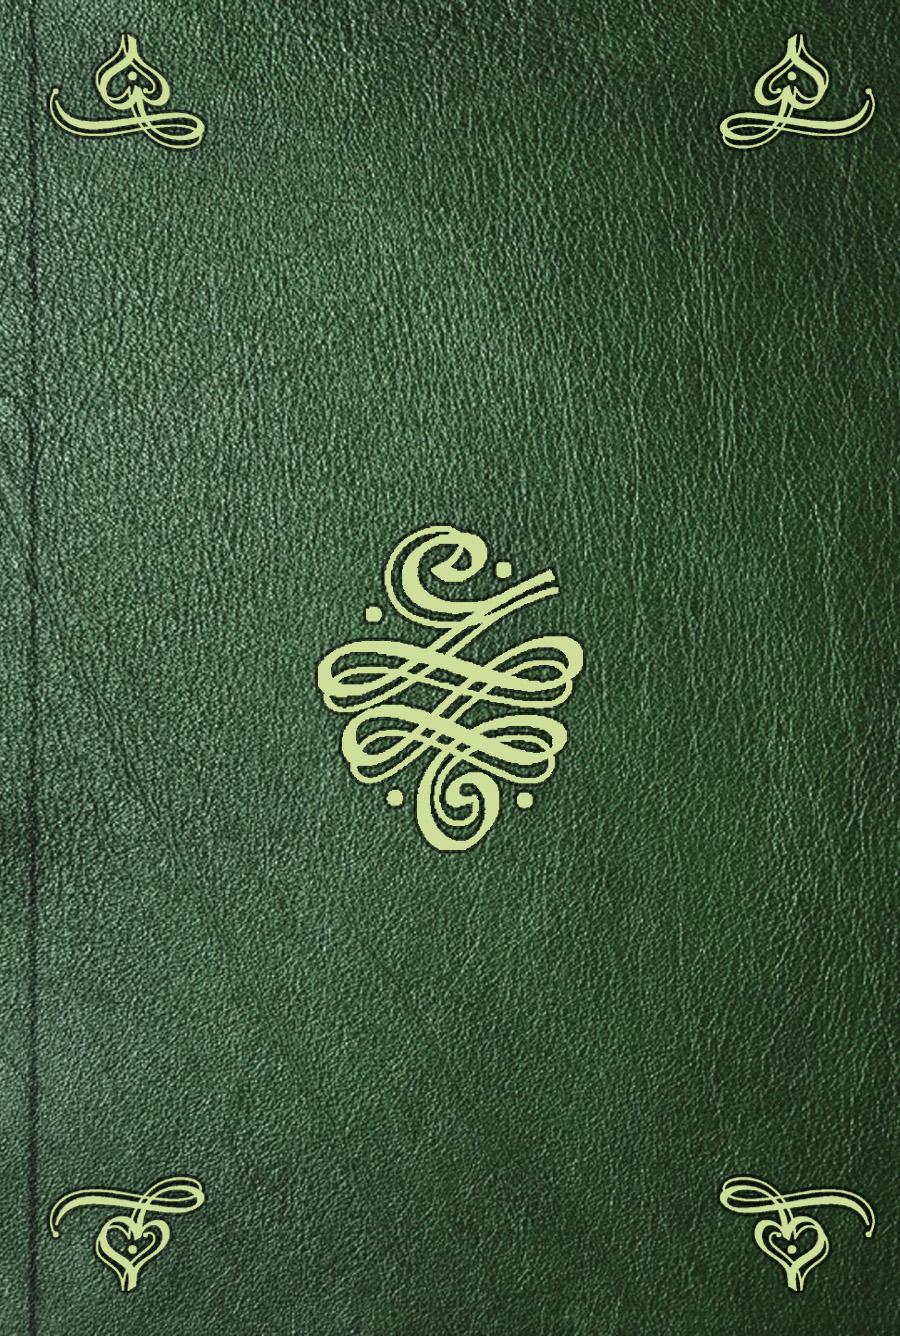 Mélanges historiques, critiques, de physique, de littérature et de poésie. T. 1. p. 1